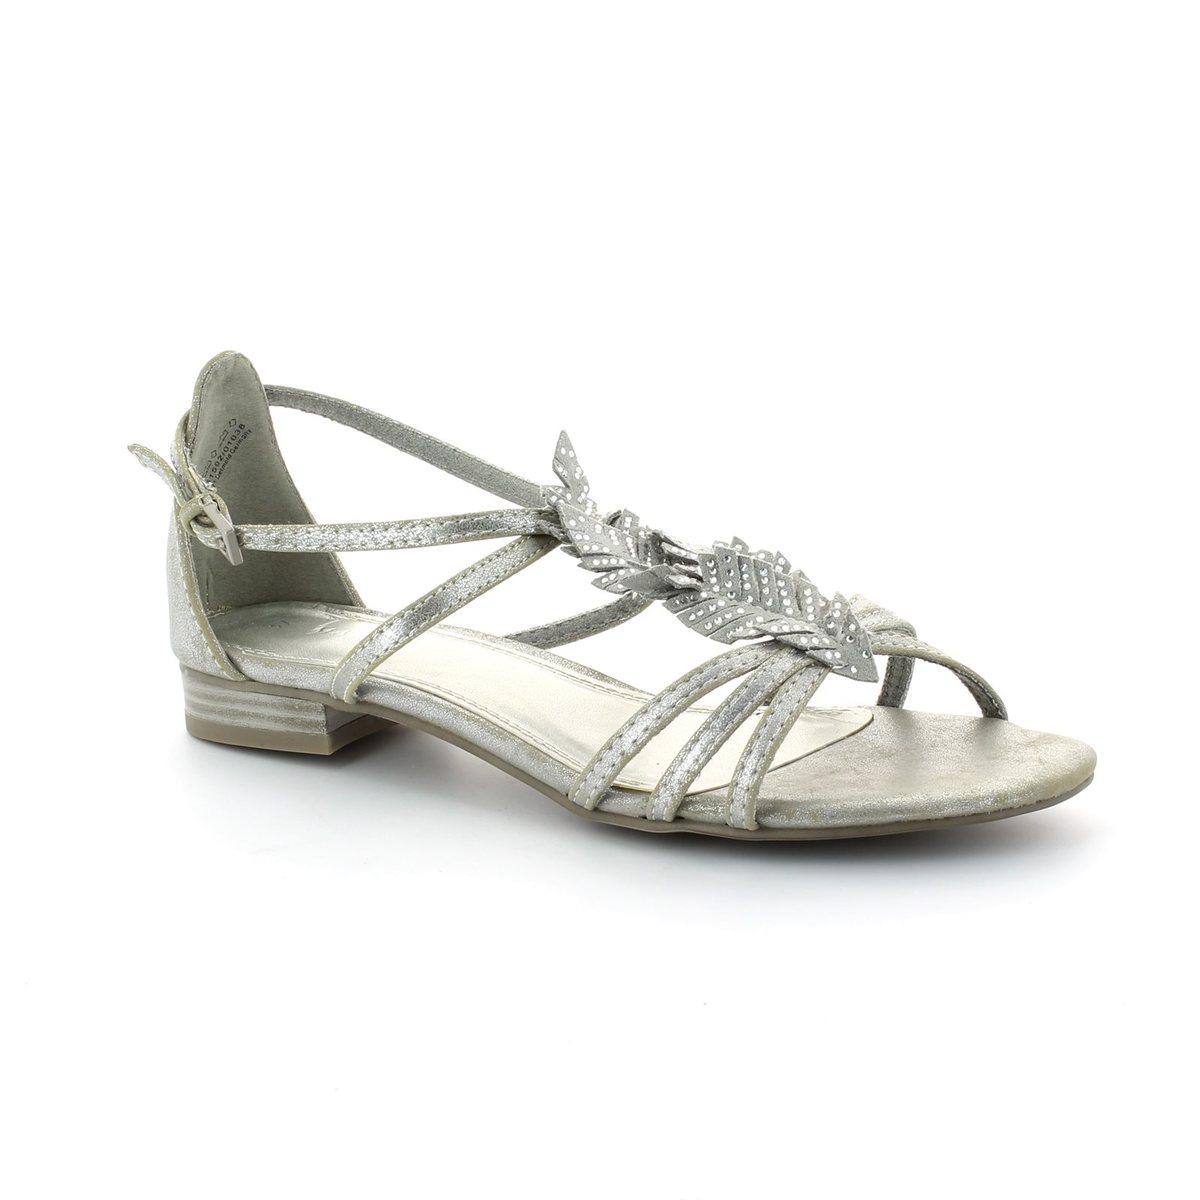 marco tozzi leaf 28100 926 silver sandals. Black Bedroom Furniture Sets. Home Design Ideas